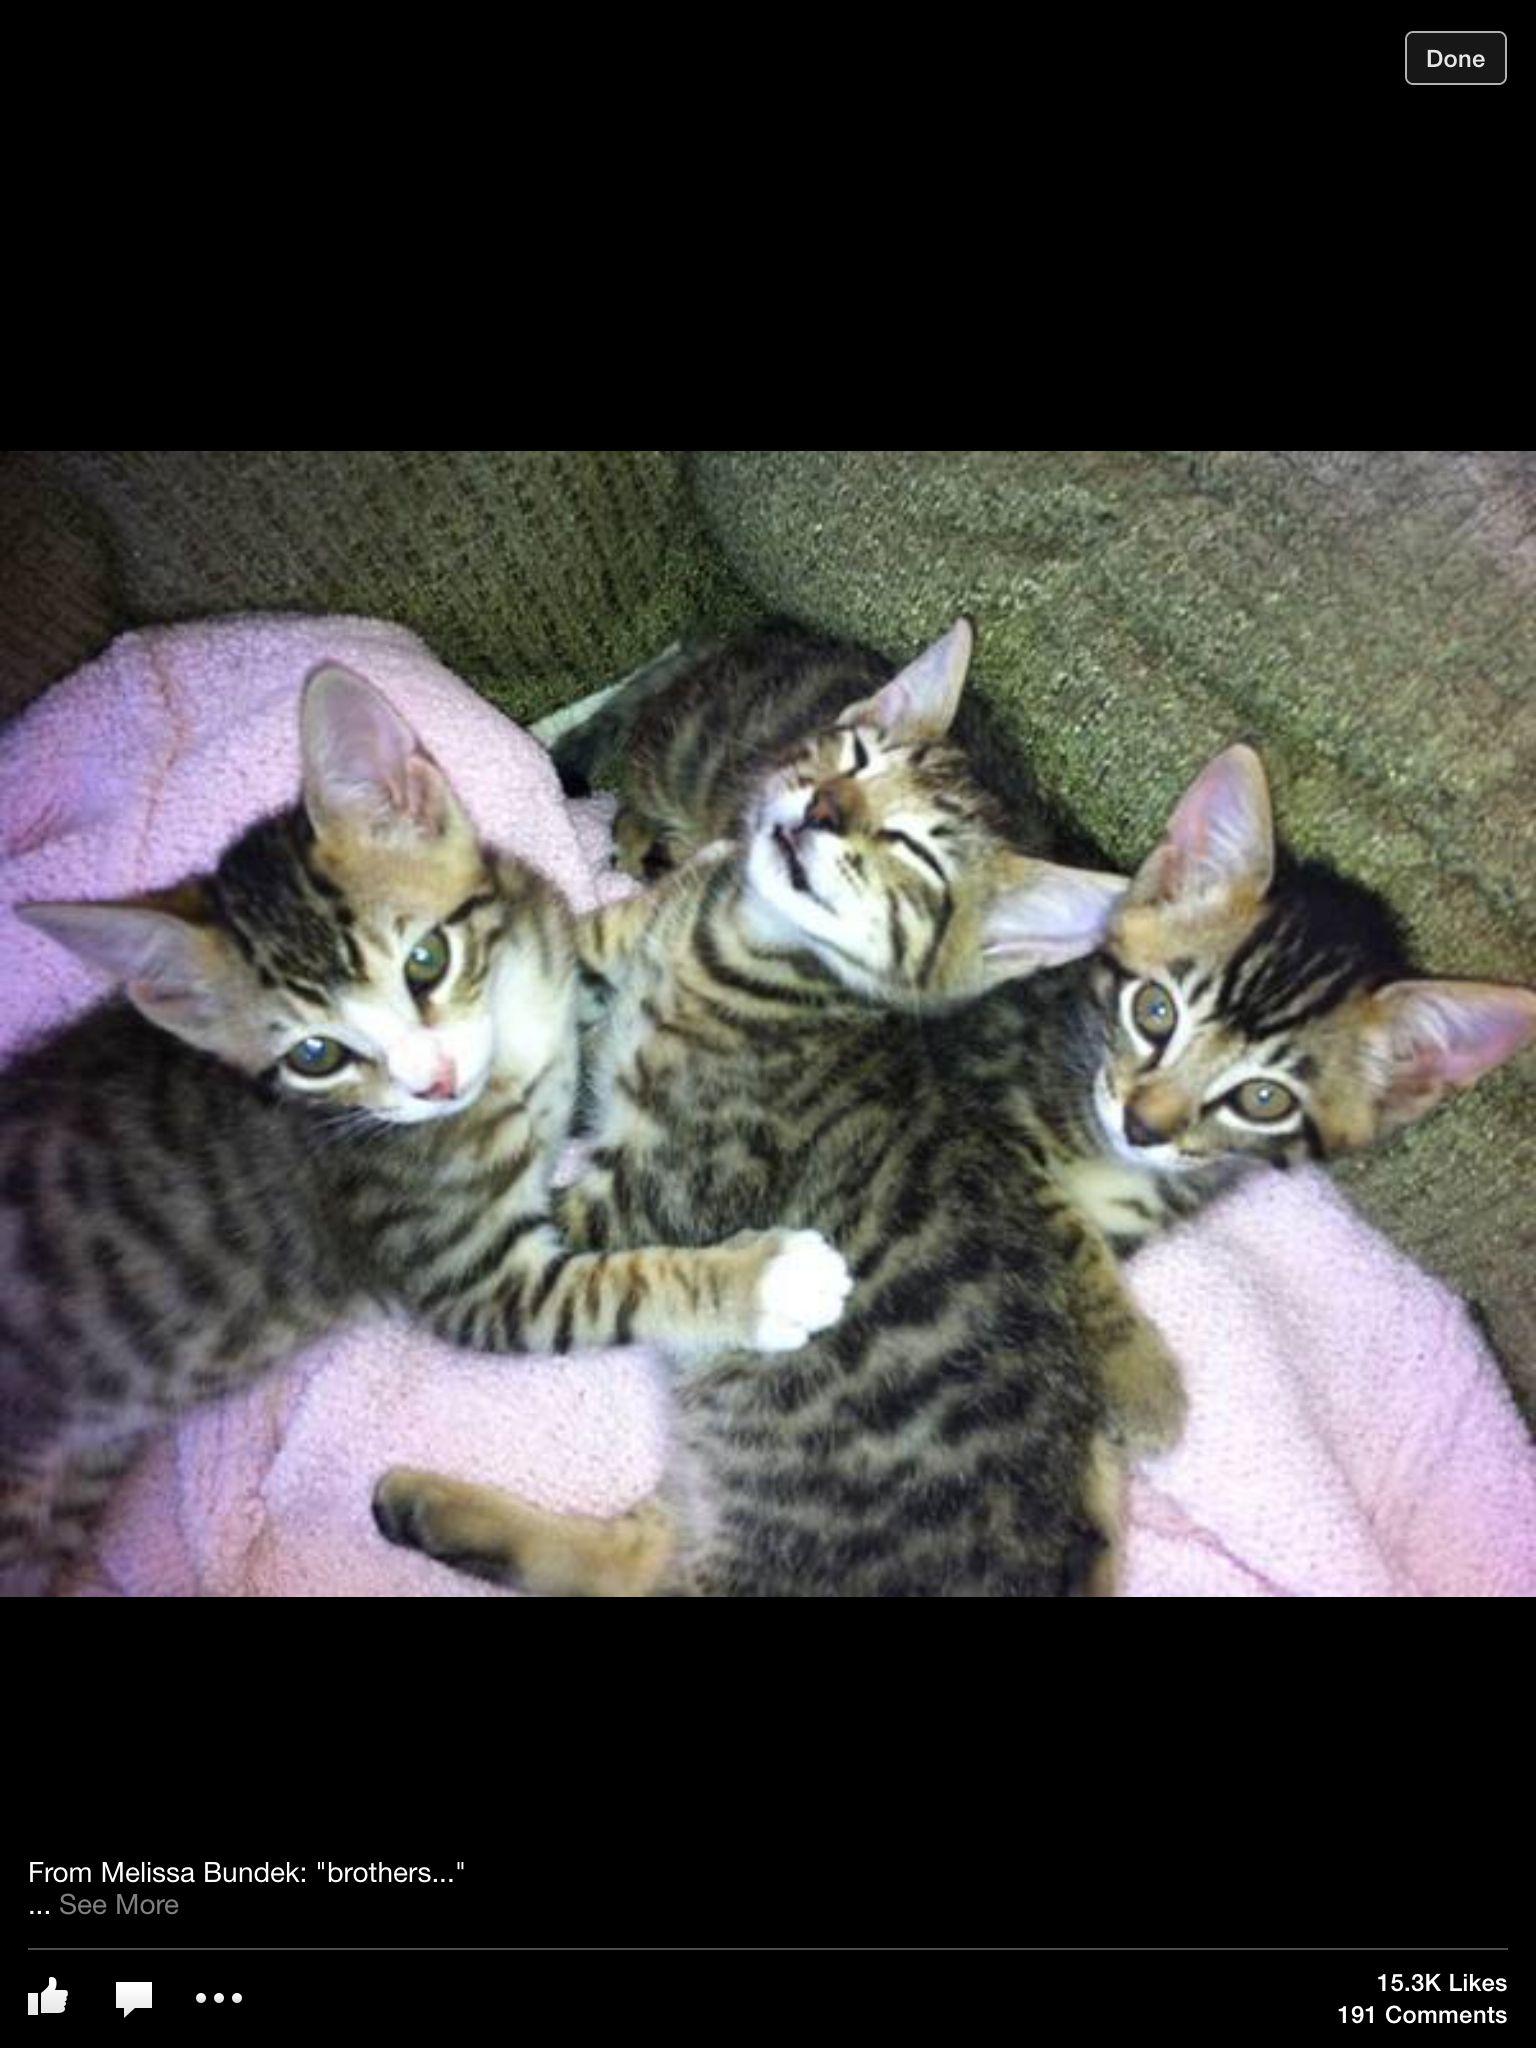 Too Cute! Love Kitties!